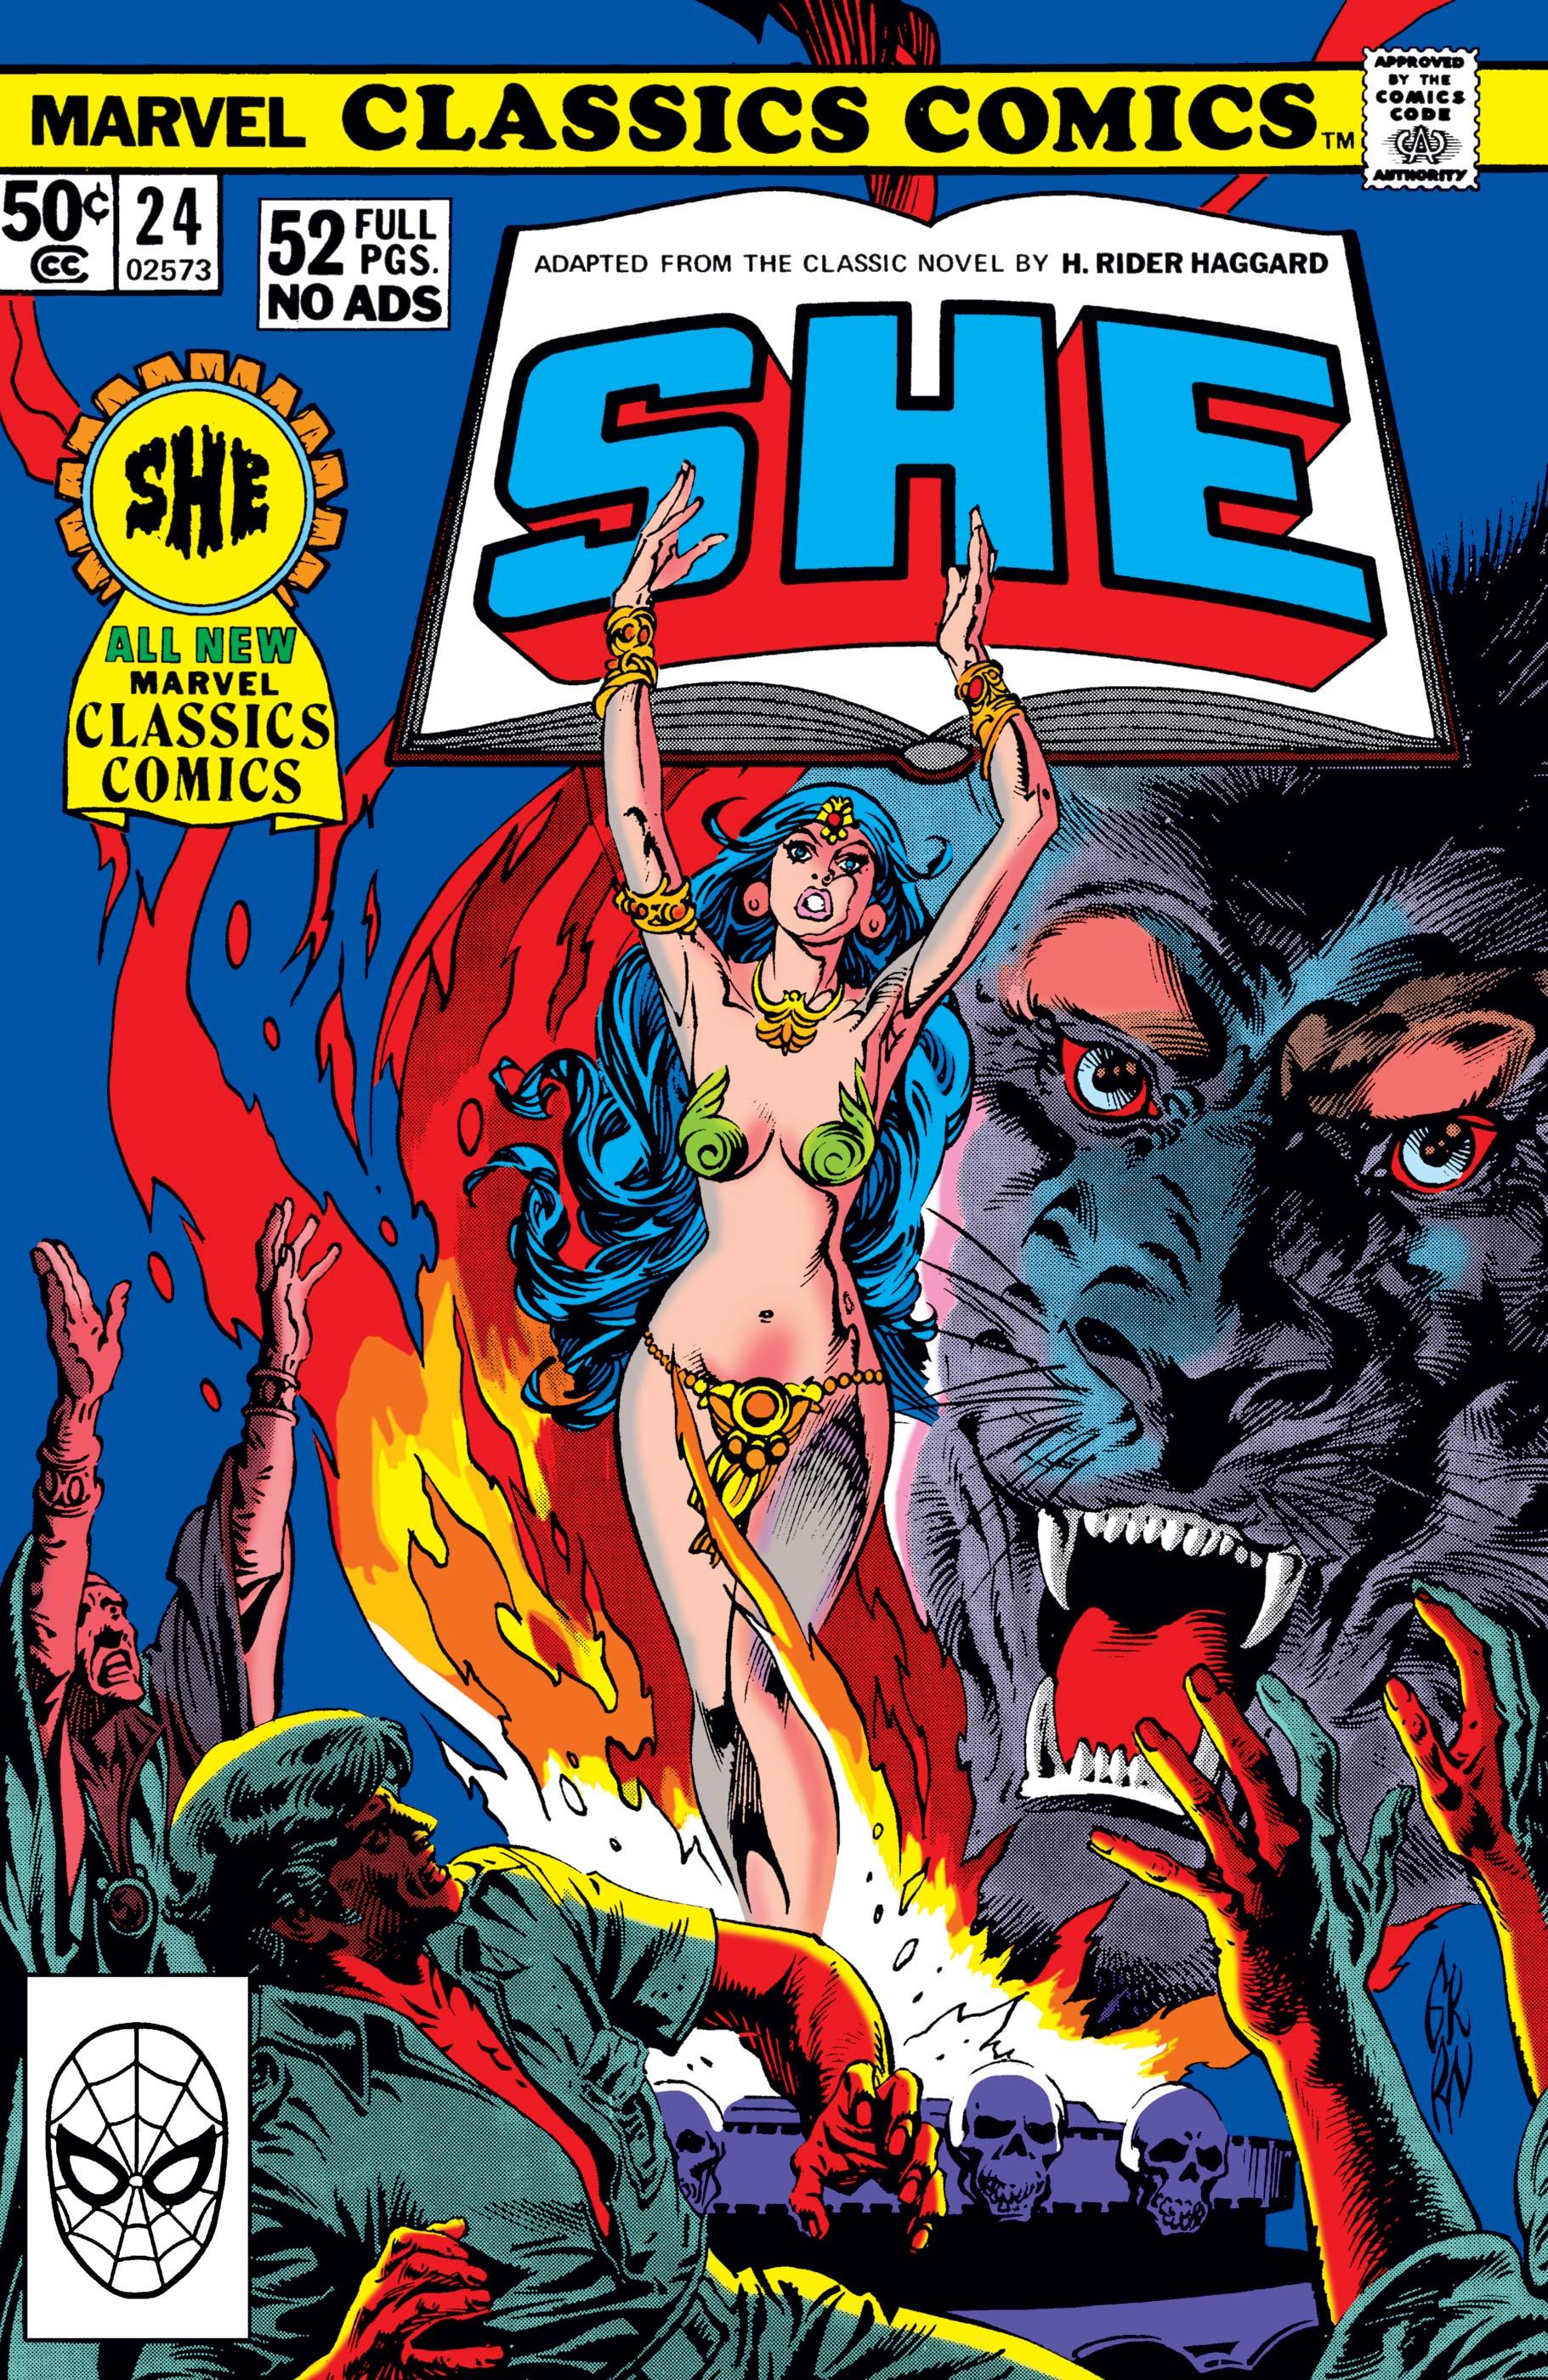 Marvel Classics Comics Series Featuring (1976) #24